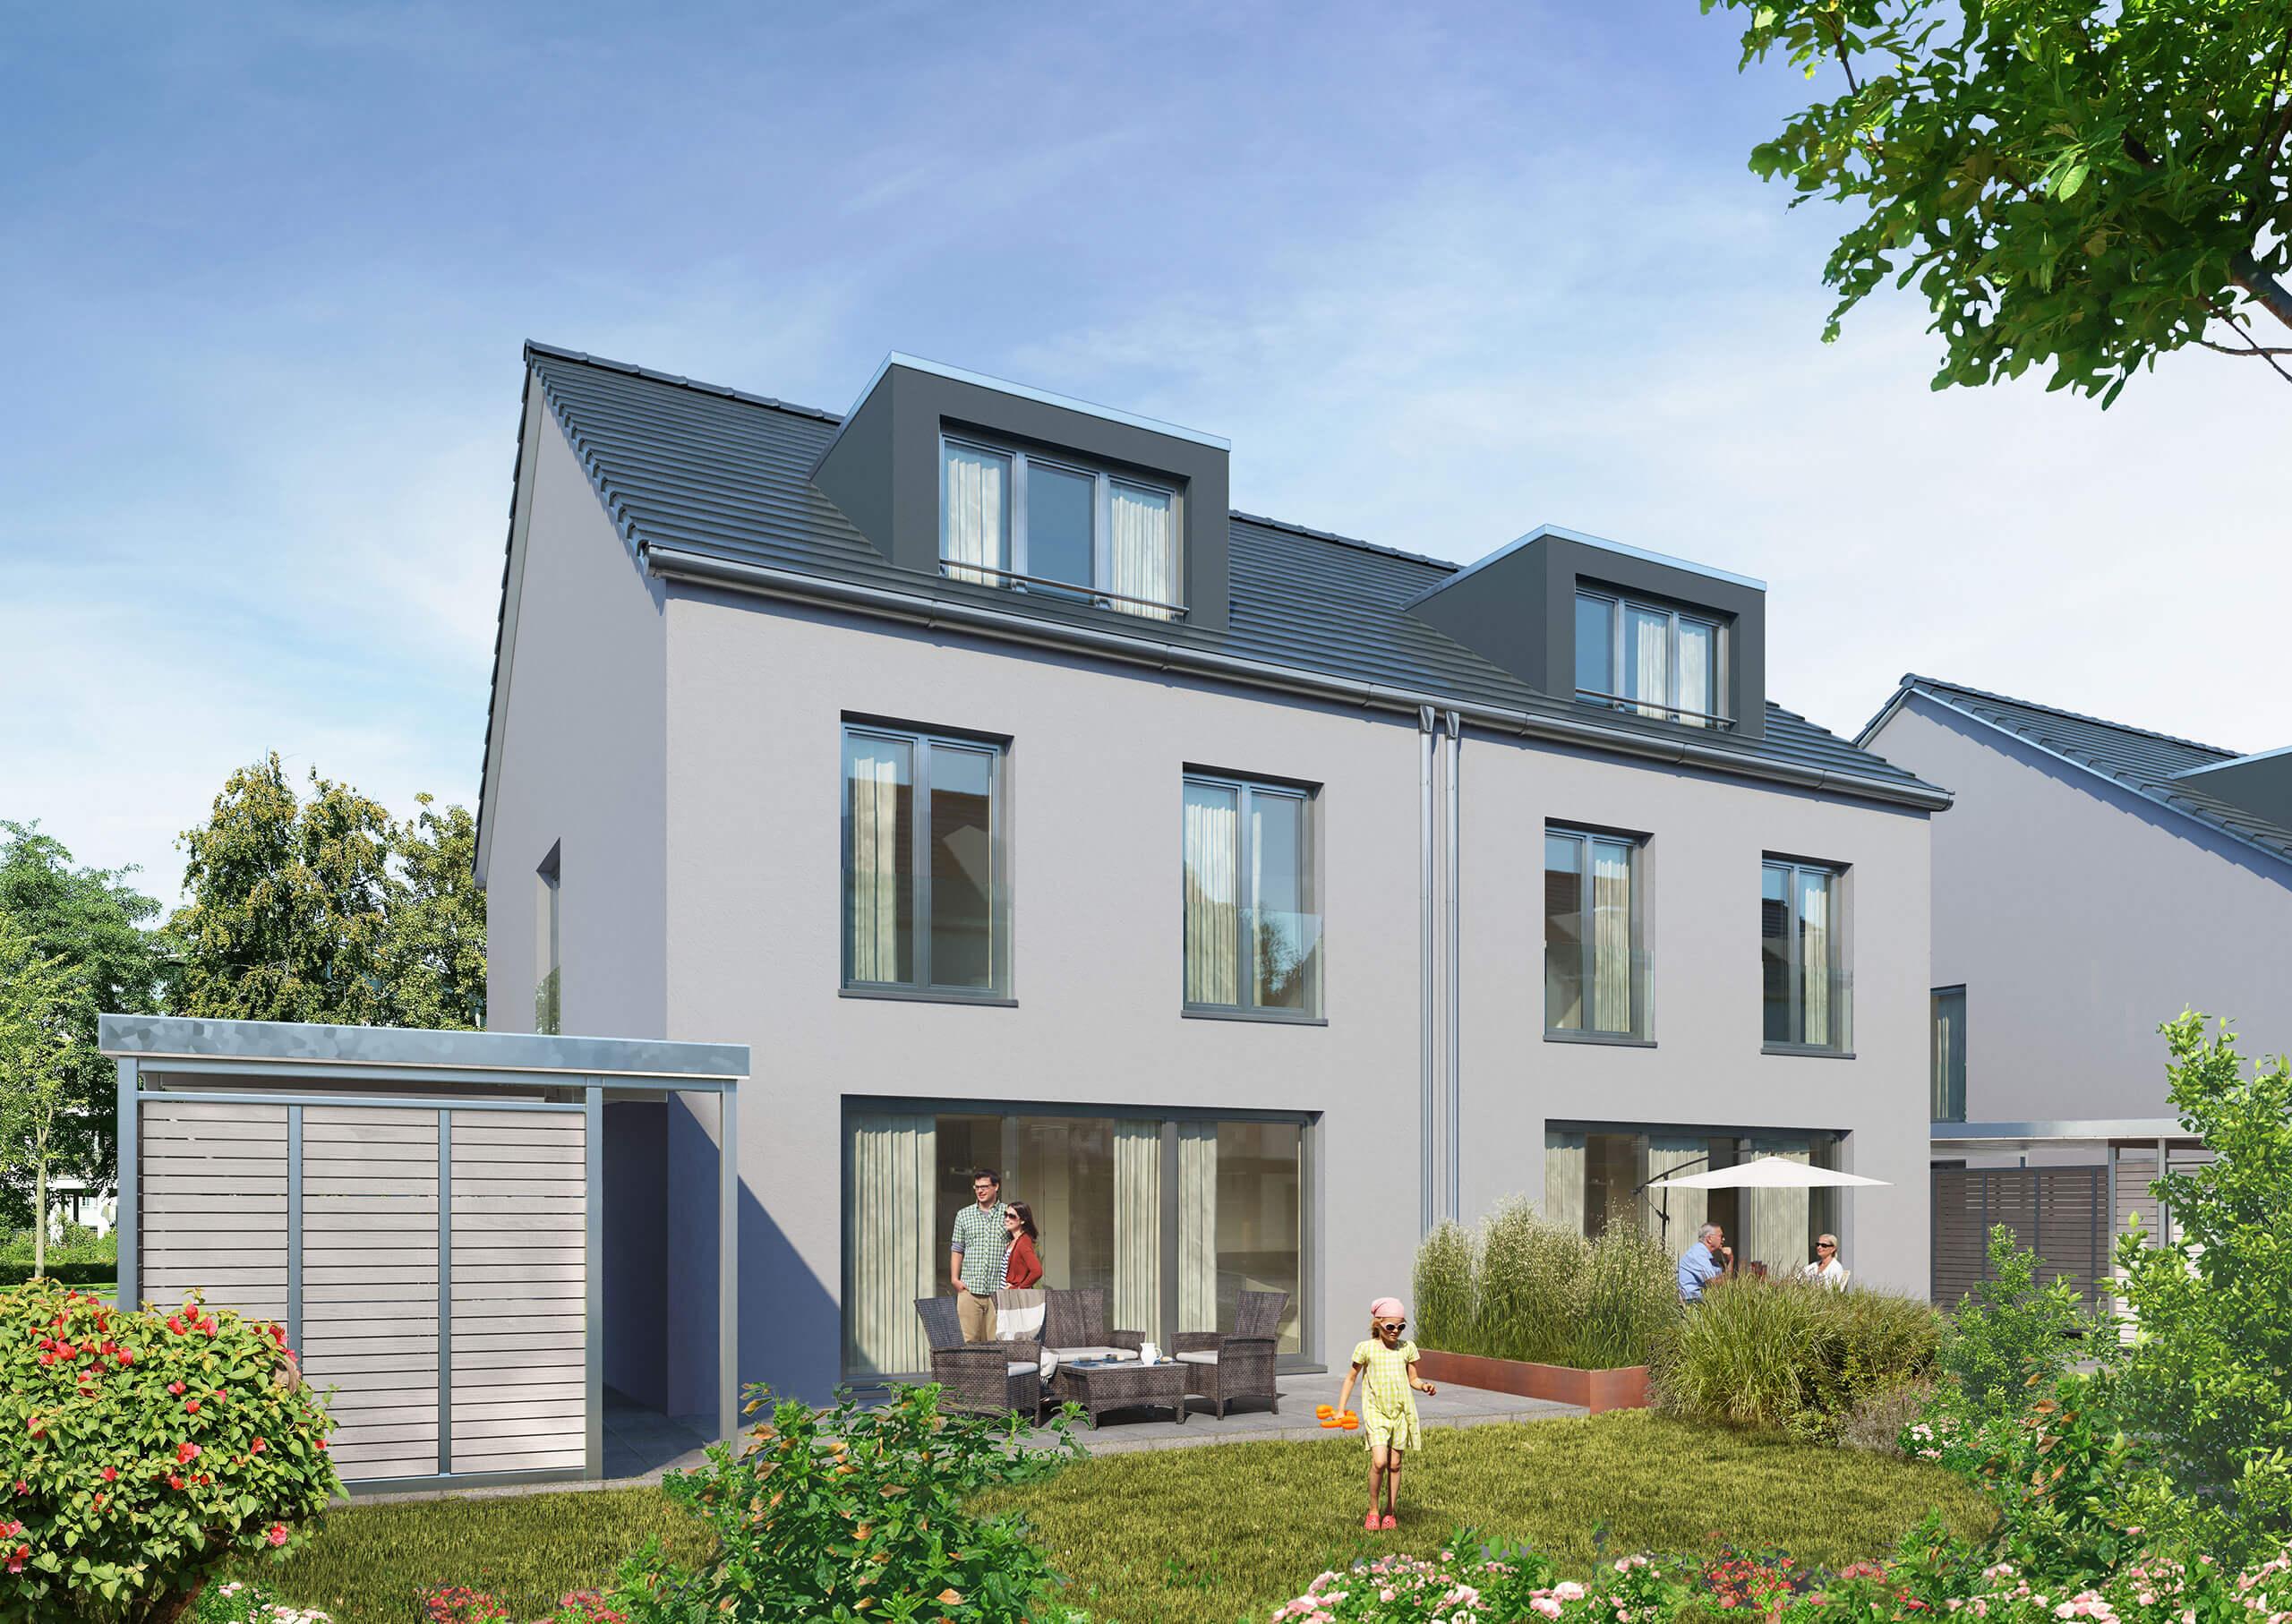 Verkaufsstart für Doppelhäuser ist erfolgt